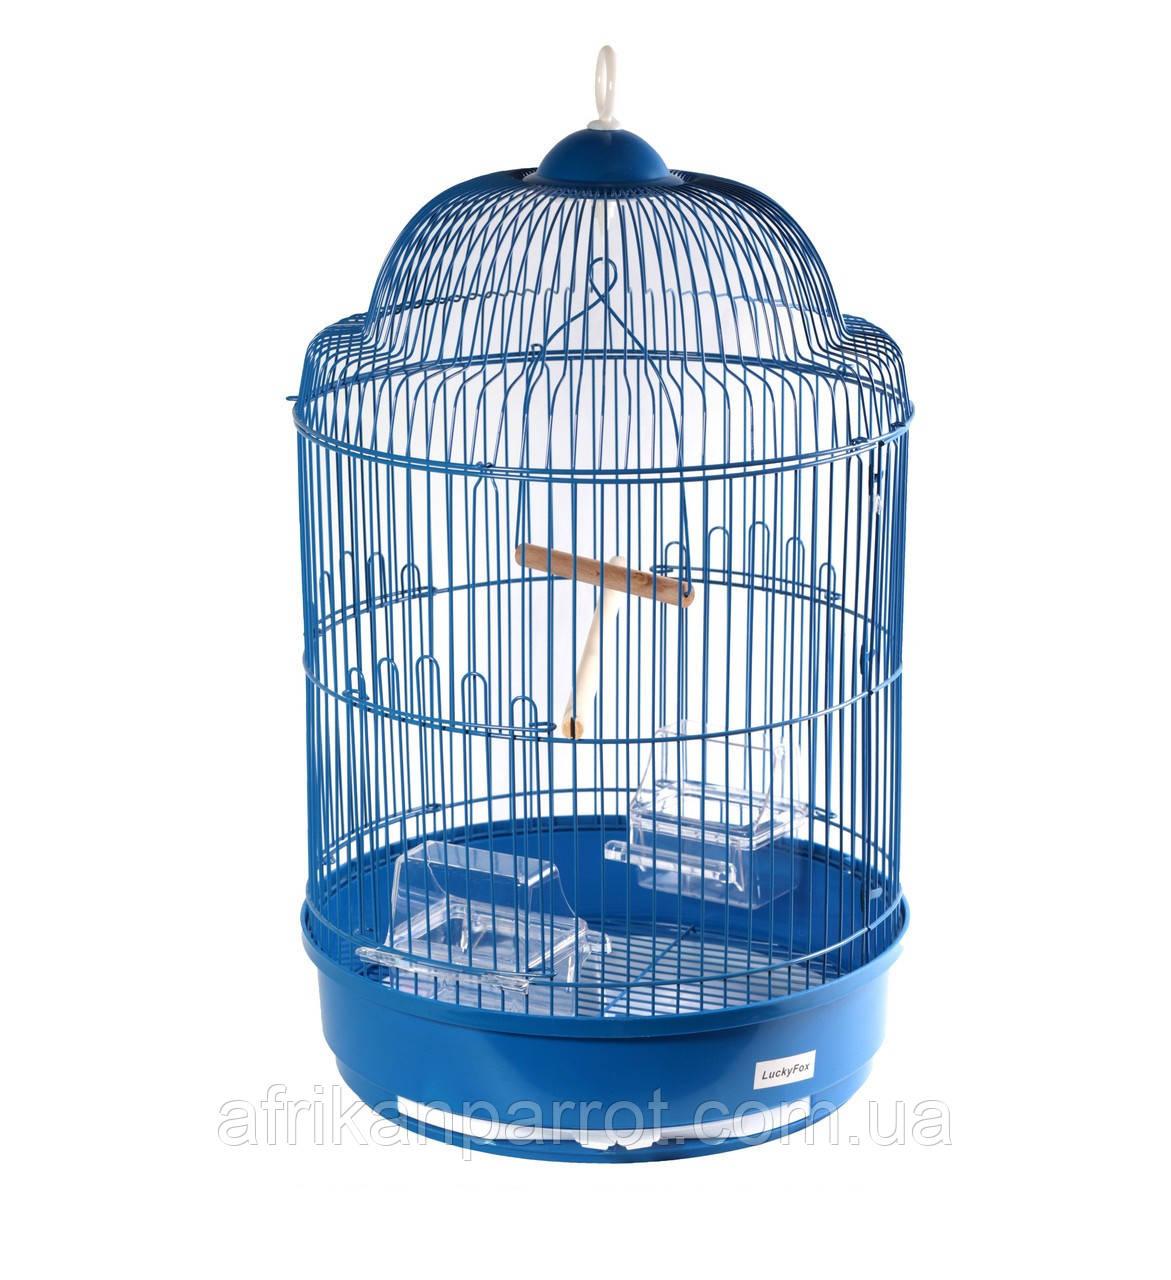 Клетка для птиц и попугаев (Аладин)33*56.5 см